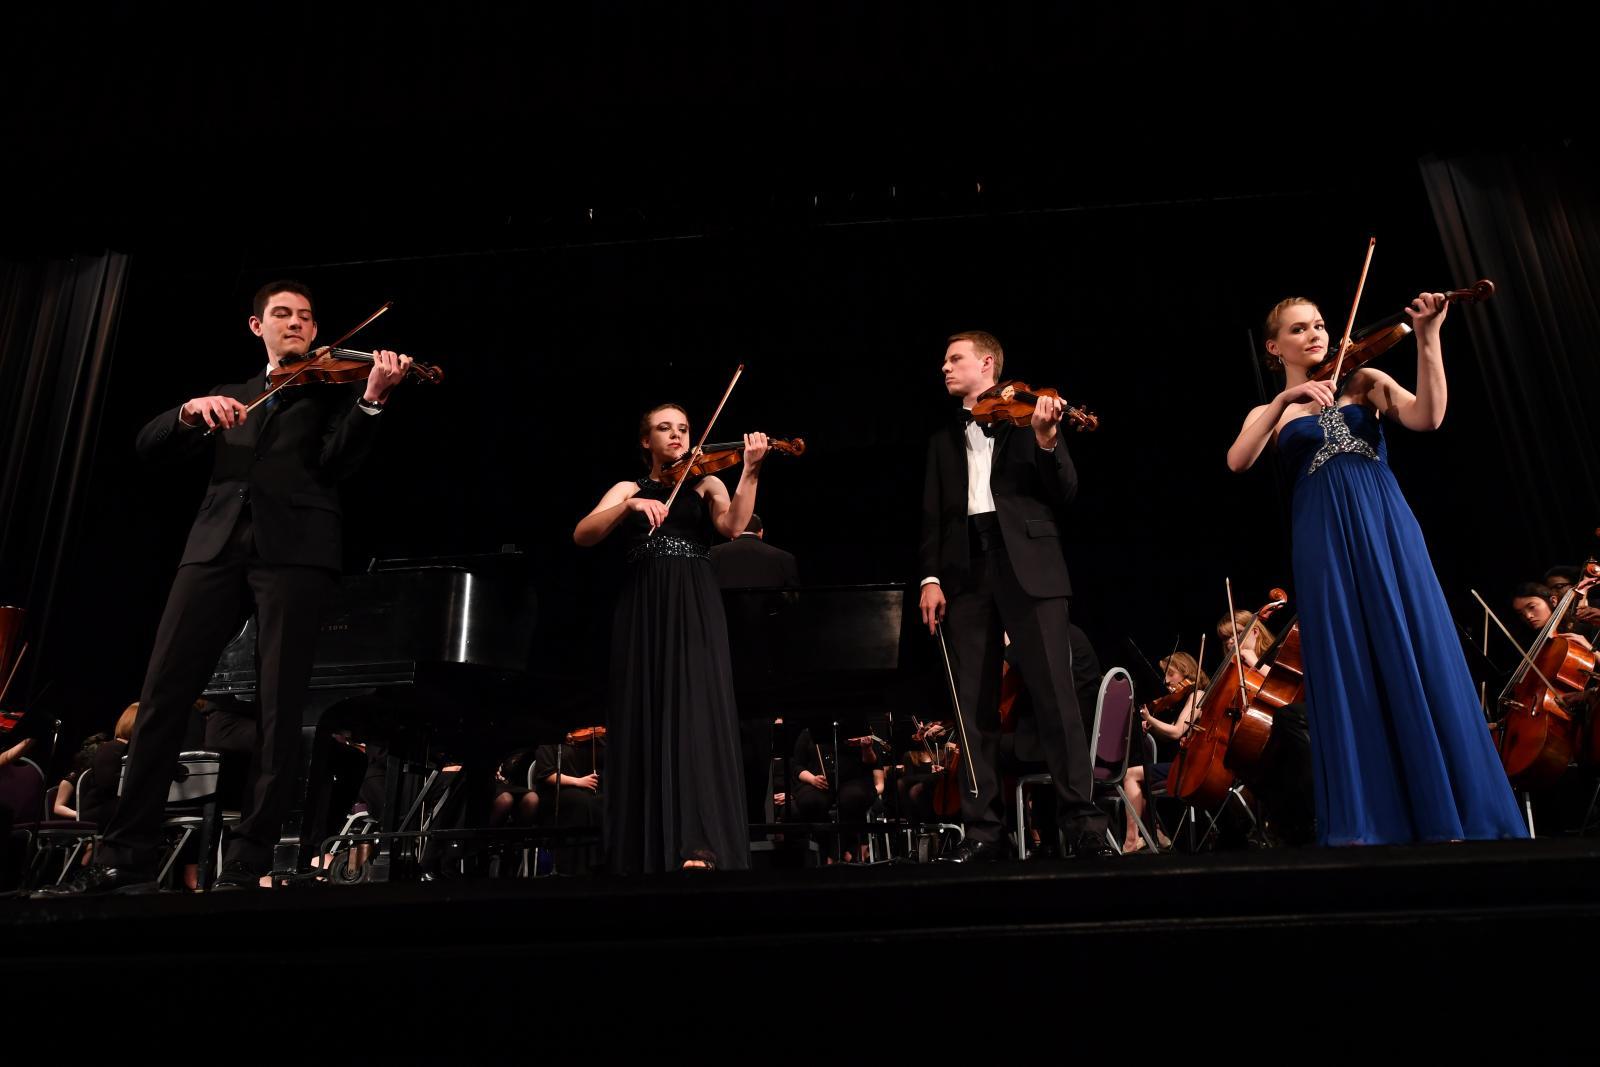 Commencement Concert 2018 | Olivet Nazarene University